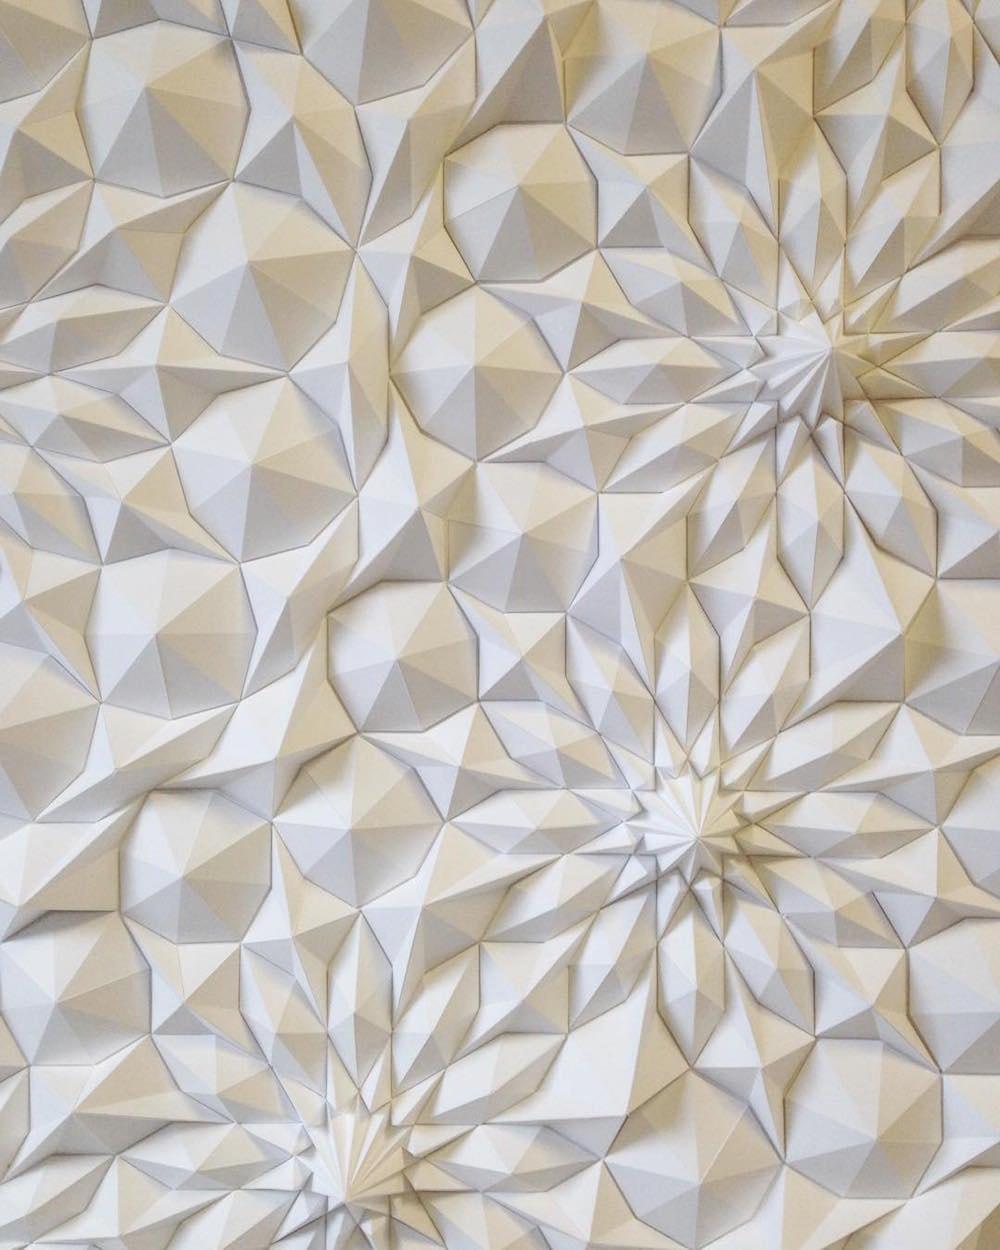 geometric paper sculptures matthew shlian fy 4